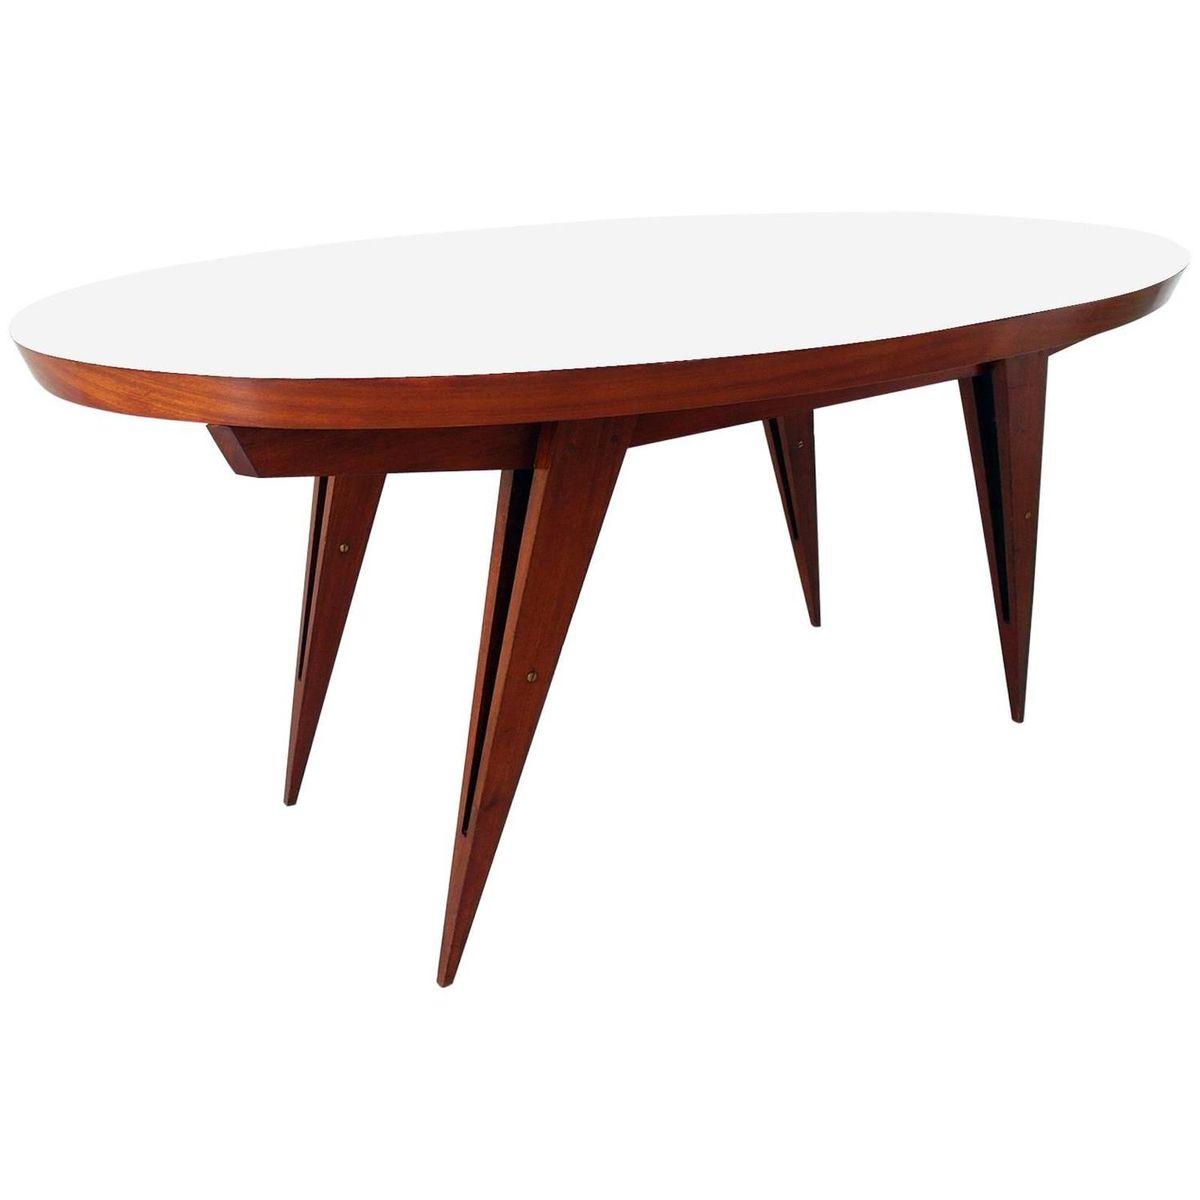 Italienischer ovaler mahagoni esstisch 1960er bei pamono for Esstisch italienischer stil